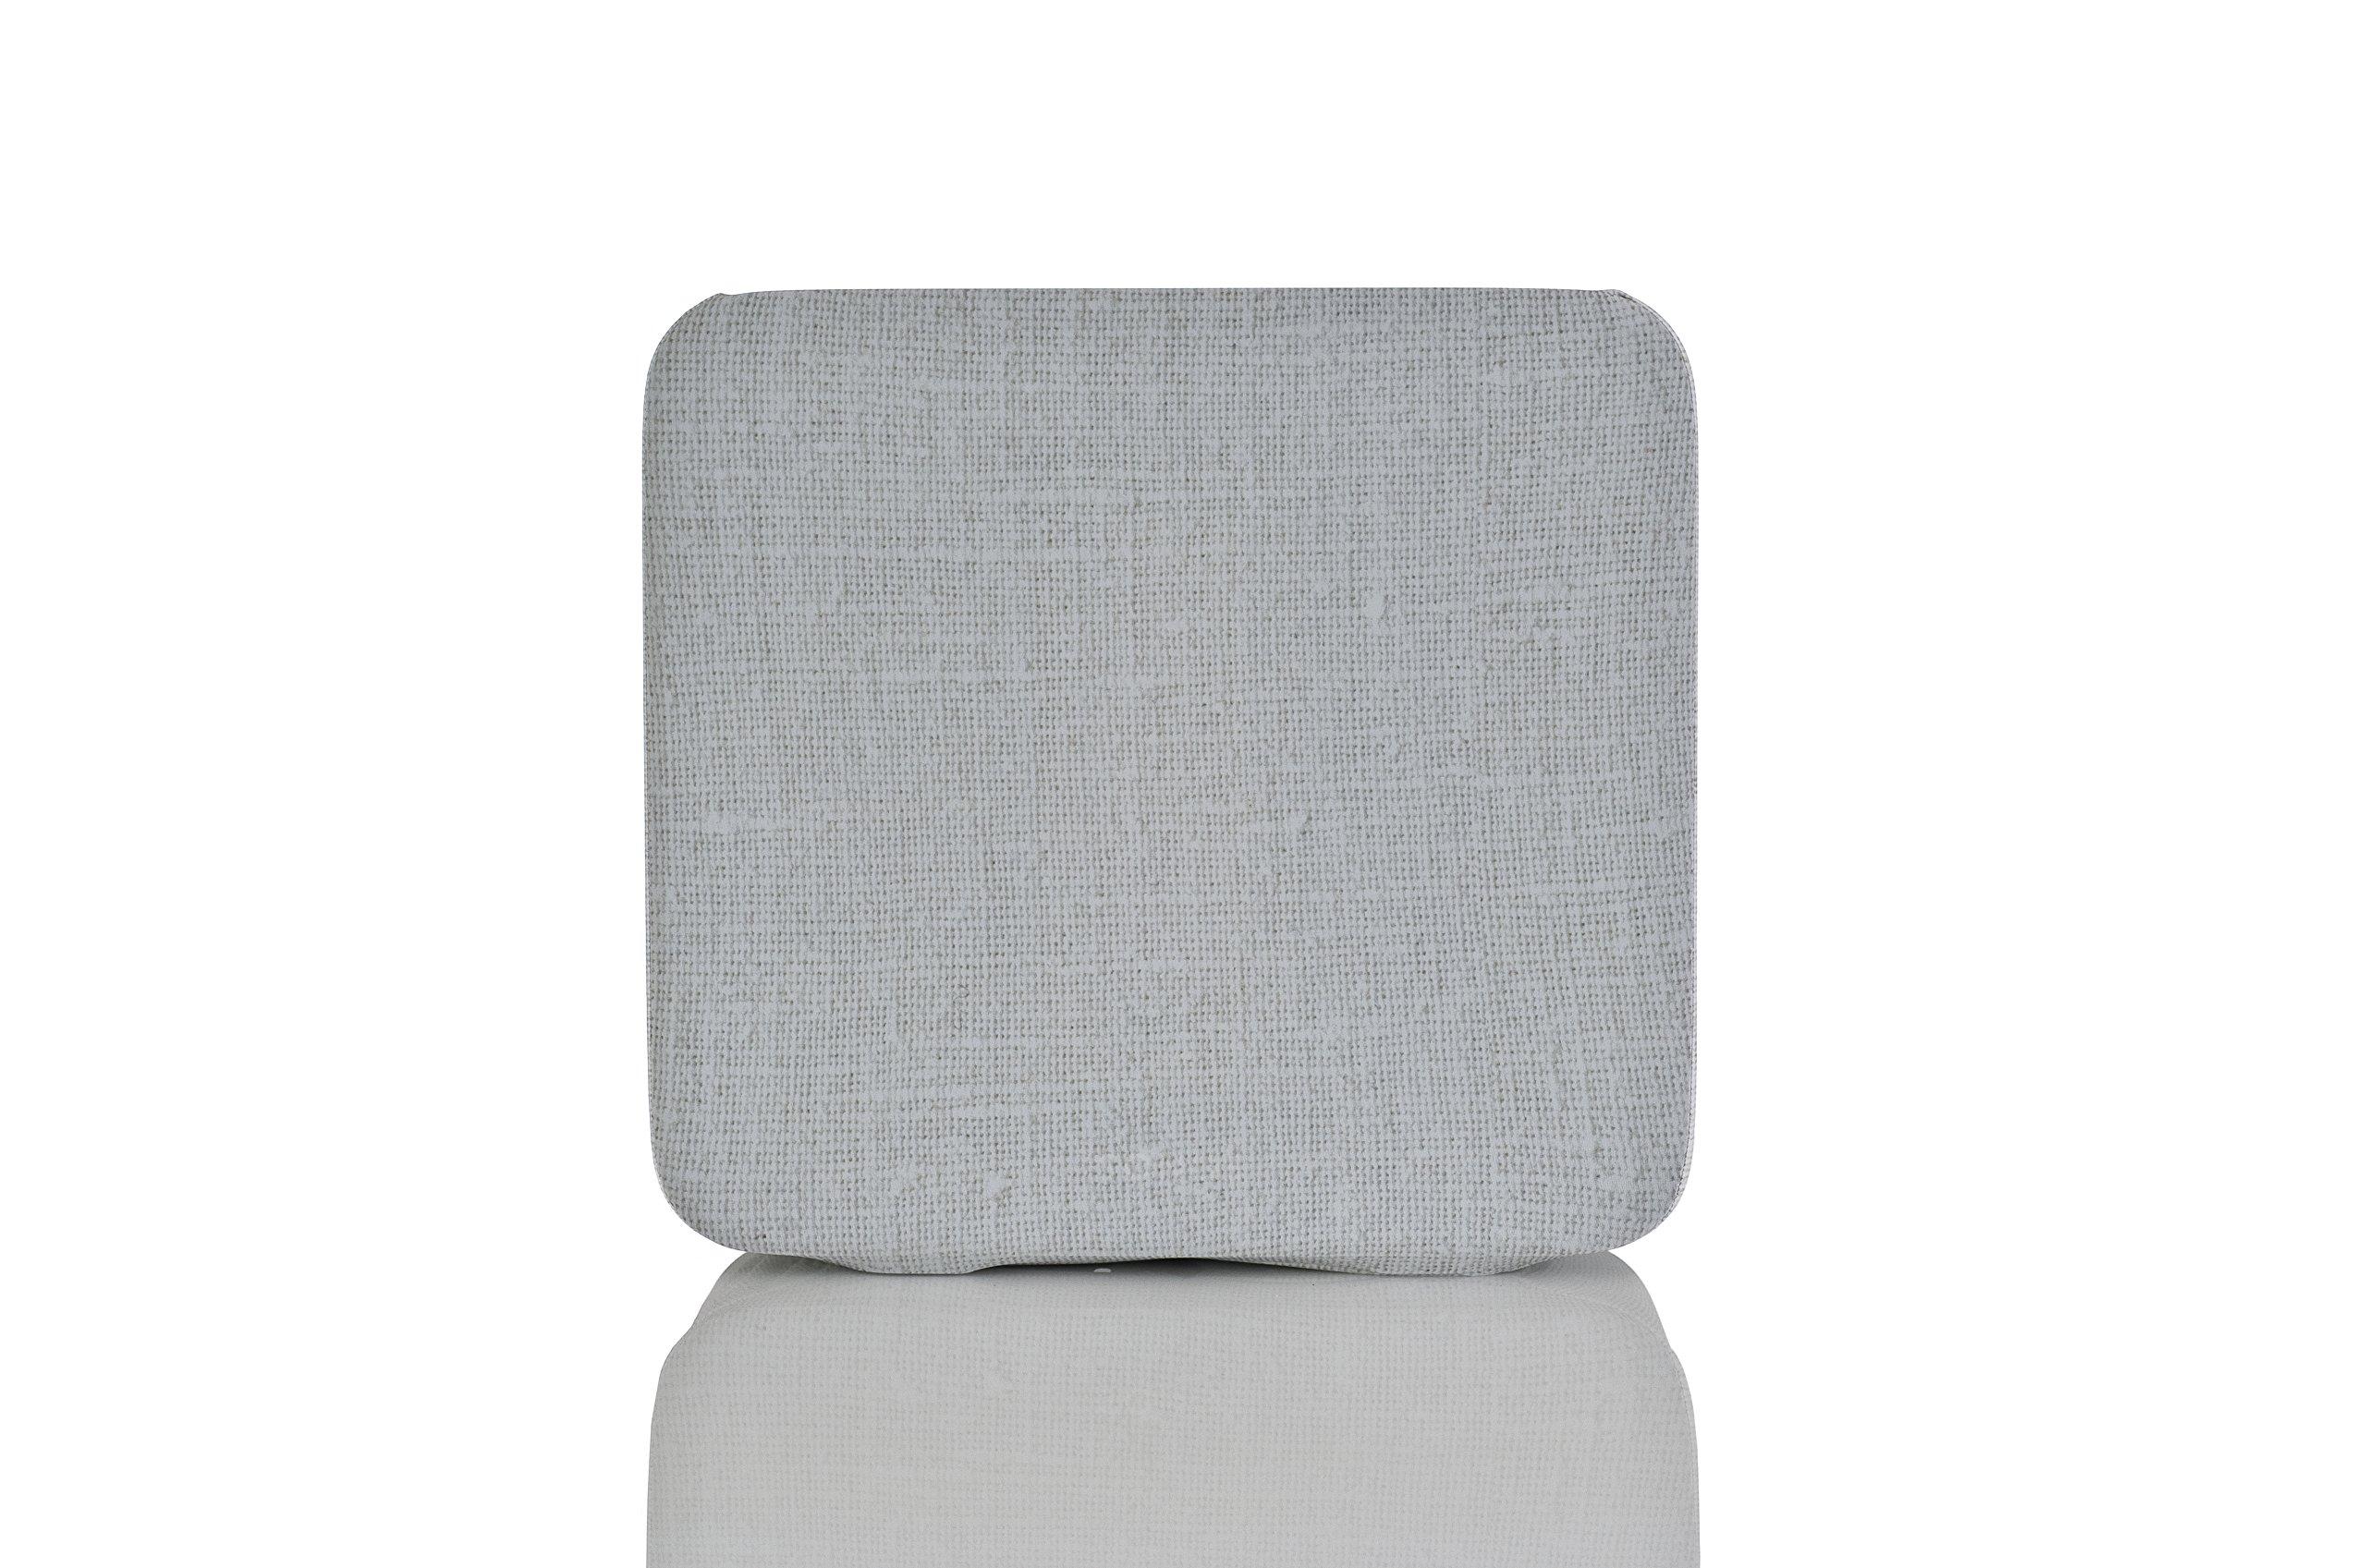 ColorYourSound 'White Cotton' for Sonos Sub